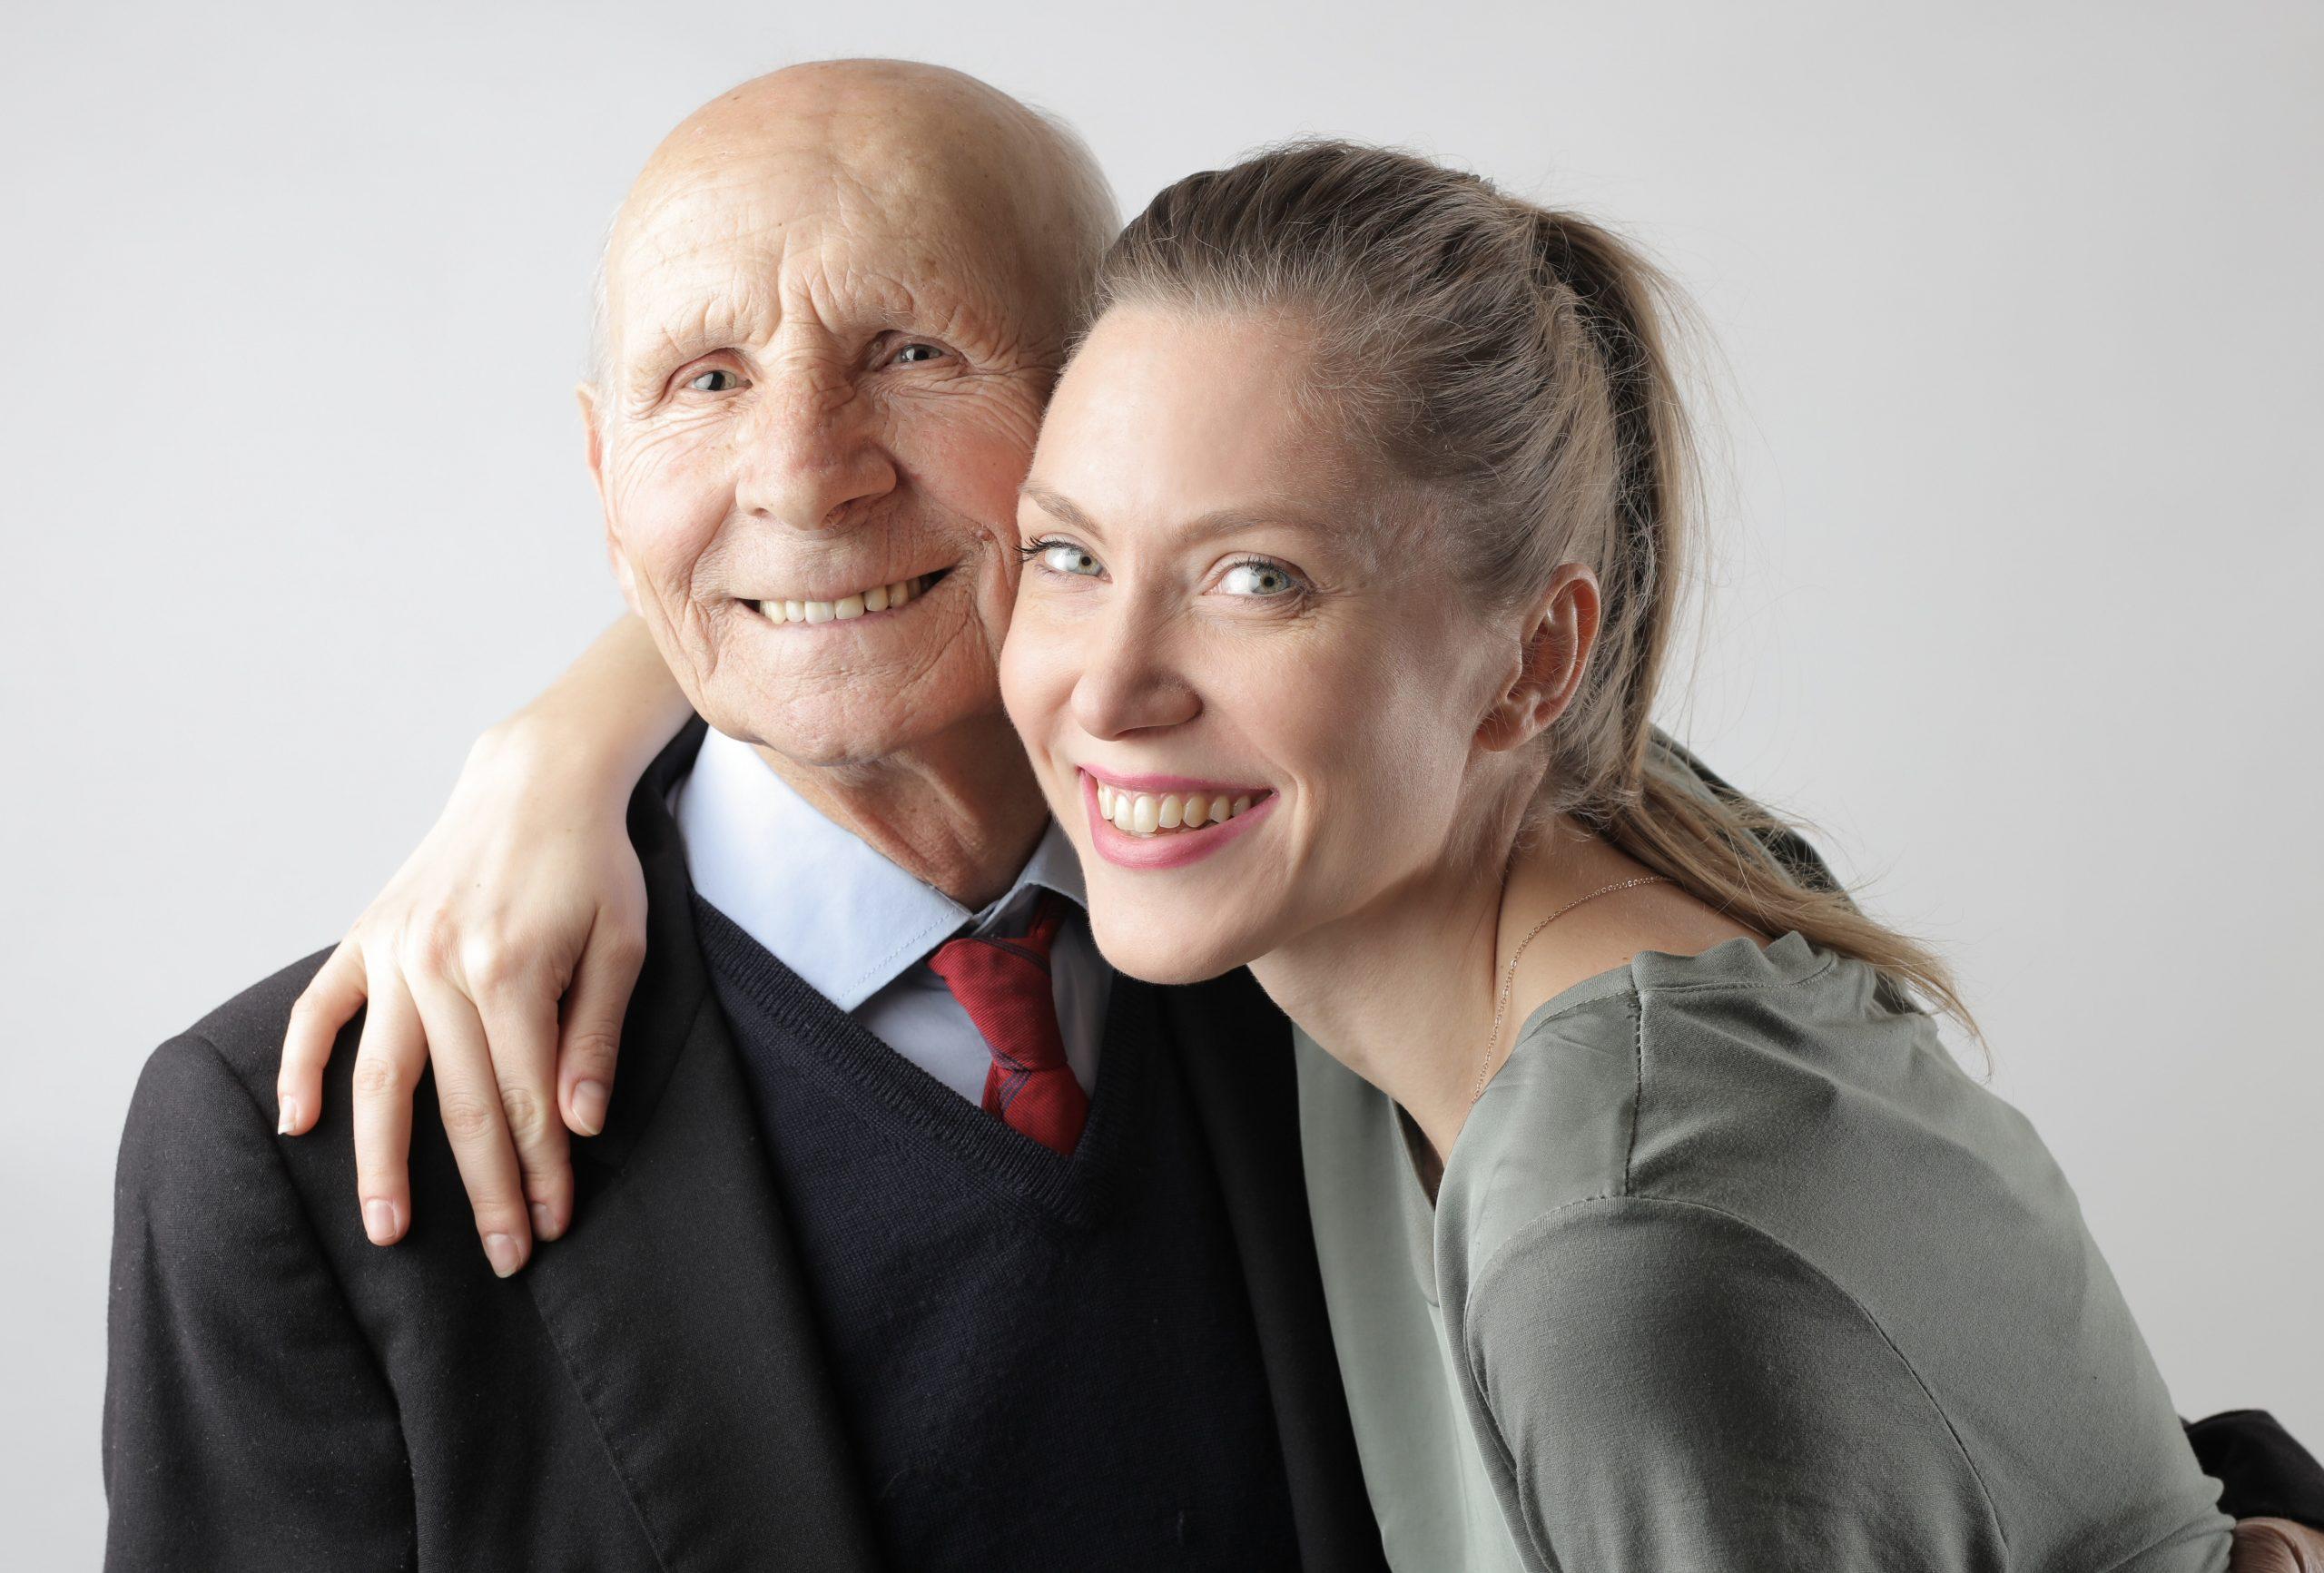 par, ung, gammel, forhold